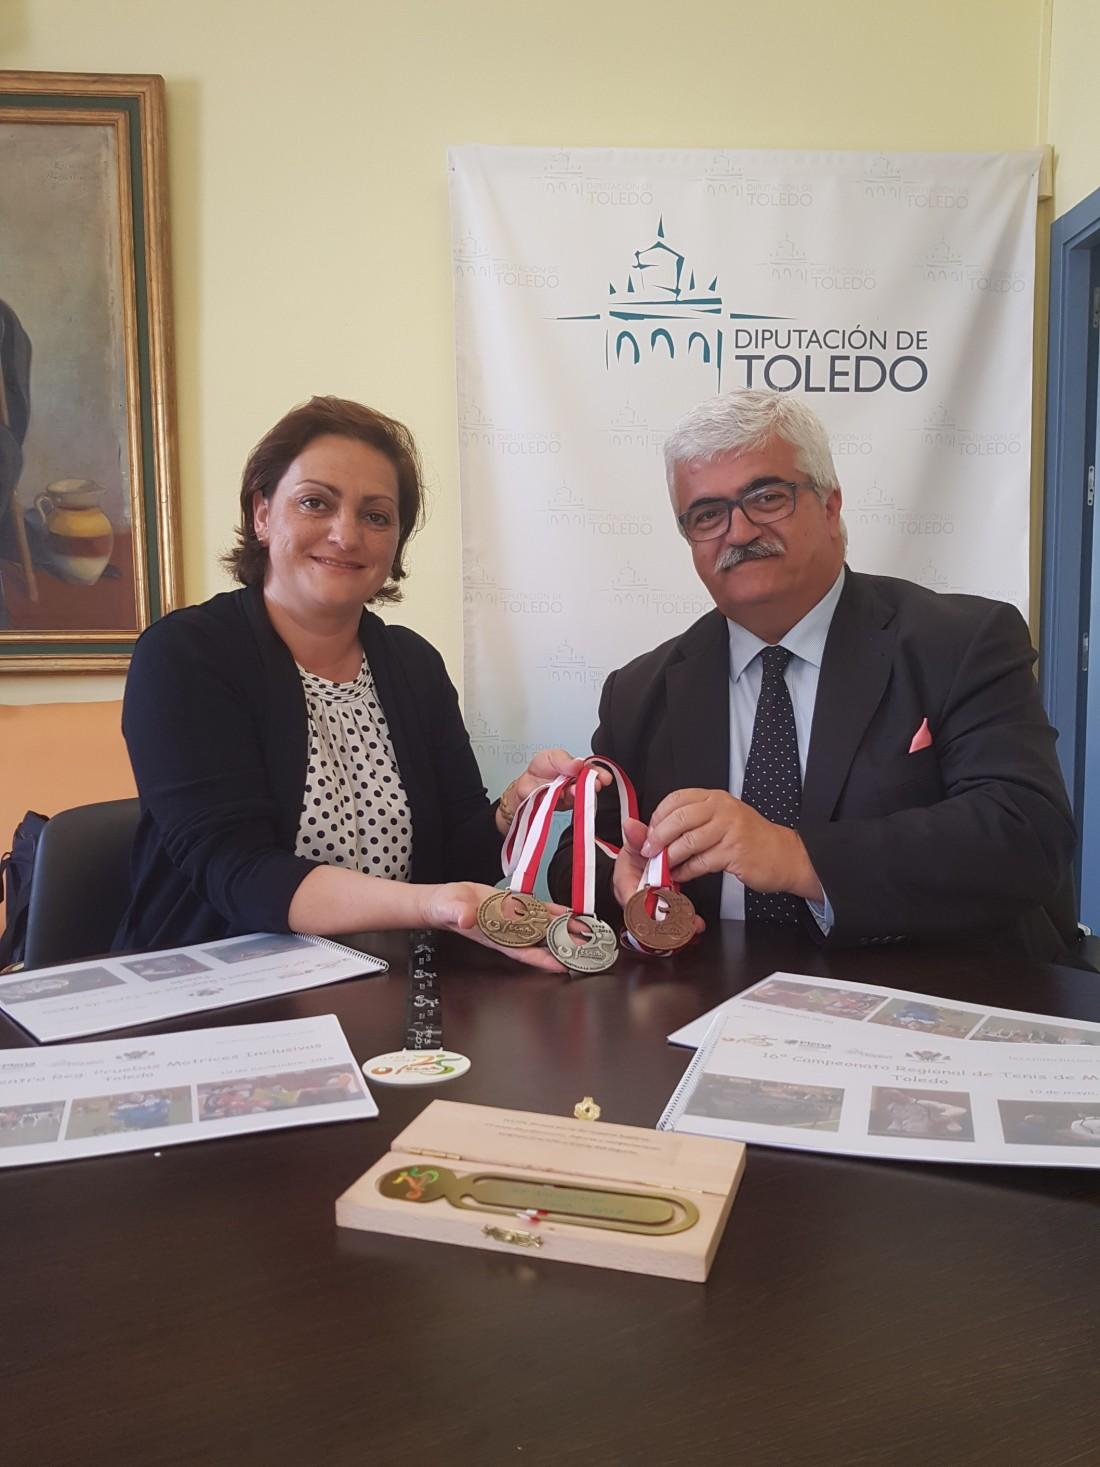 Mª Ángeles García y Eloy José Molina, presidente de FECAM